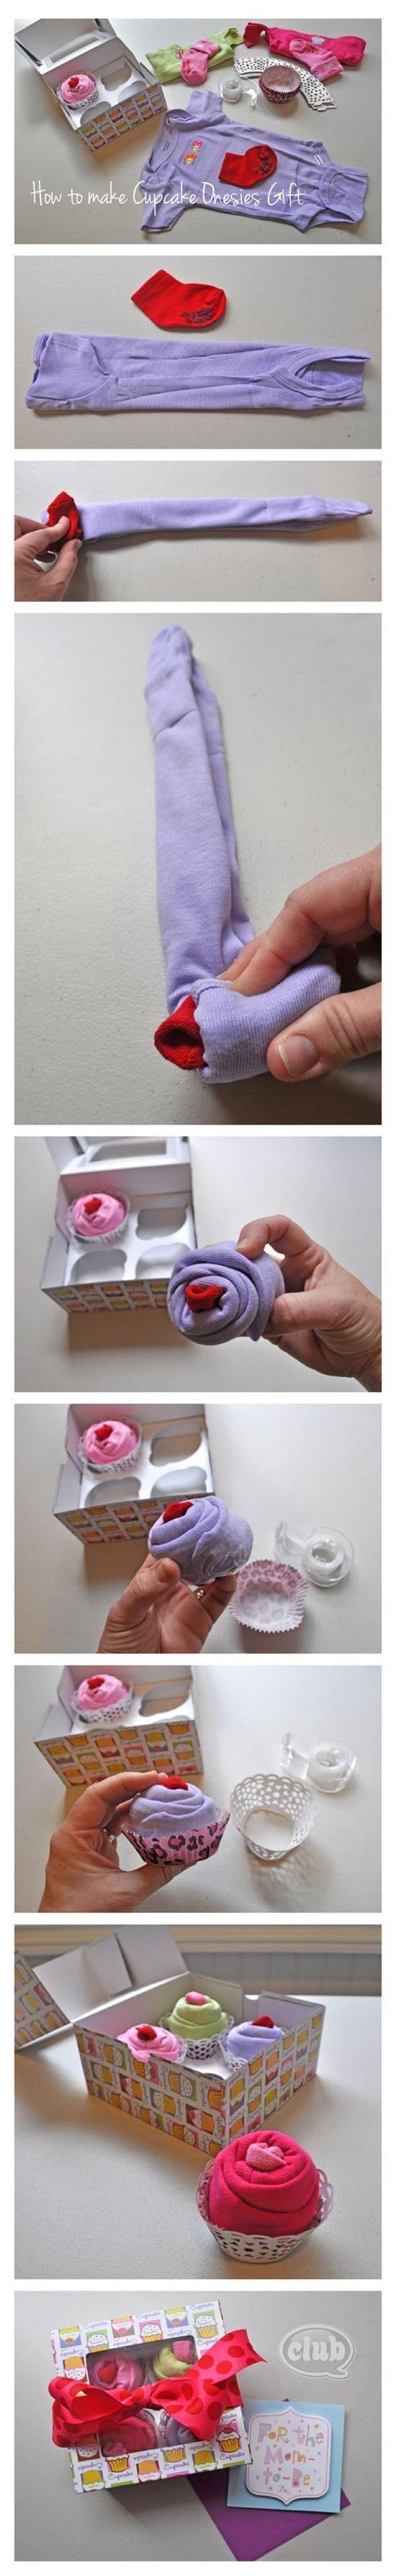 DIY Cupcake onesies baby gift